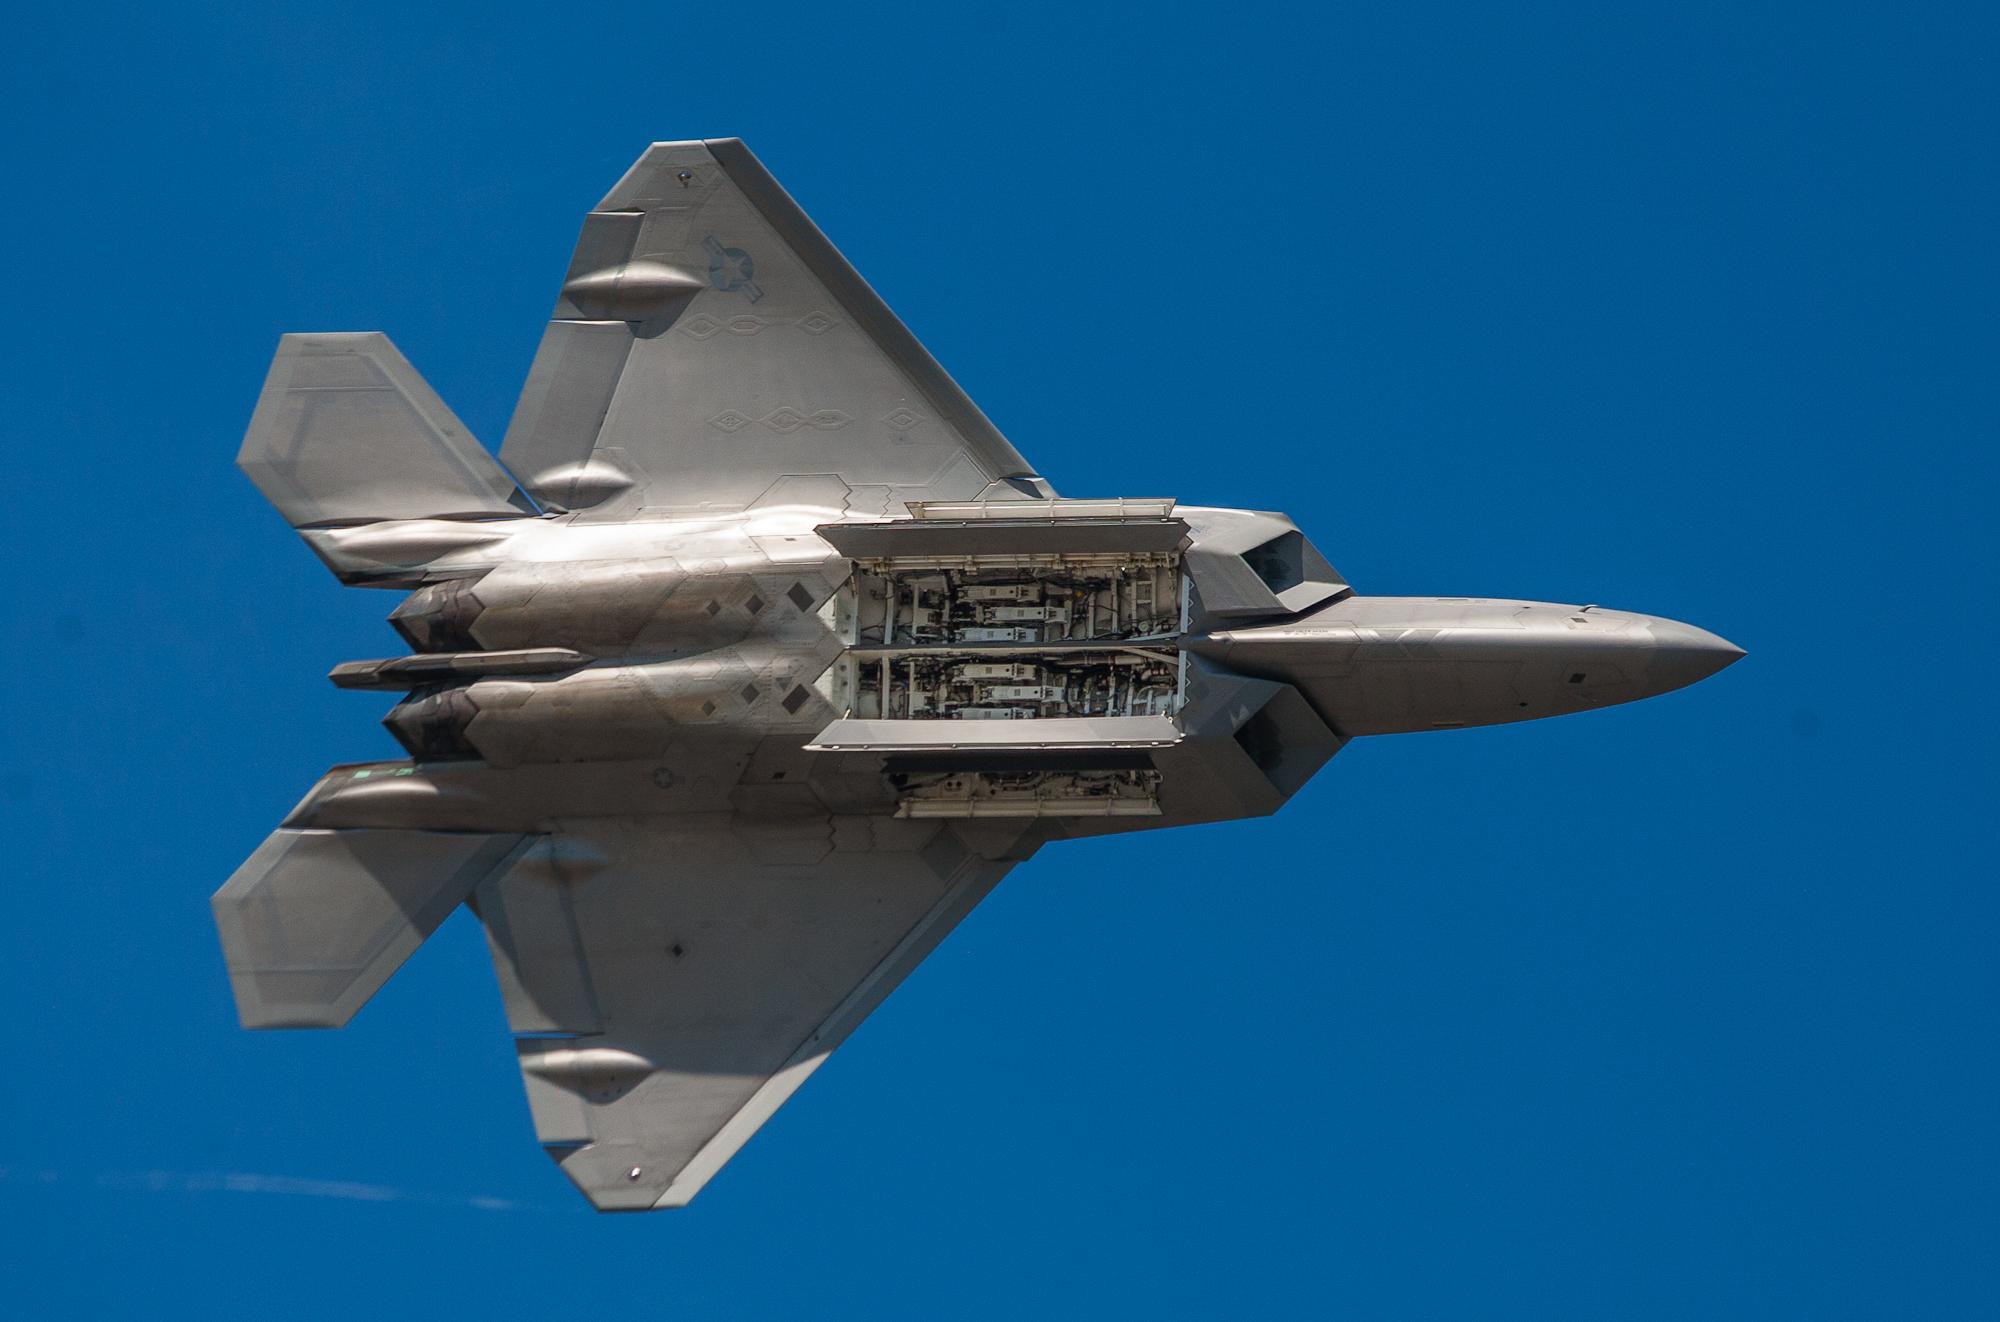 fighter aircraft wallpaper hd